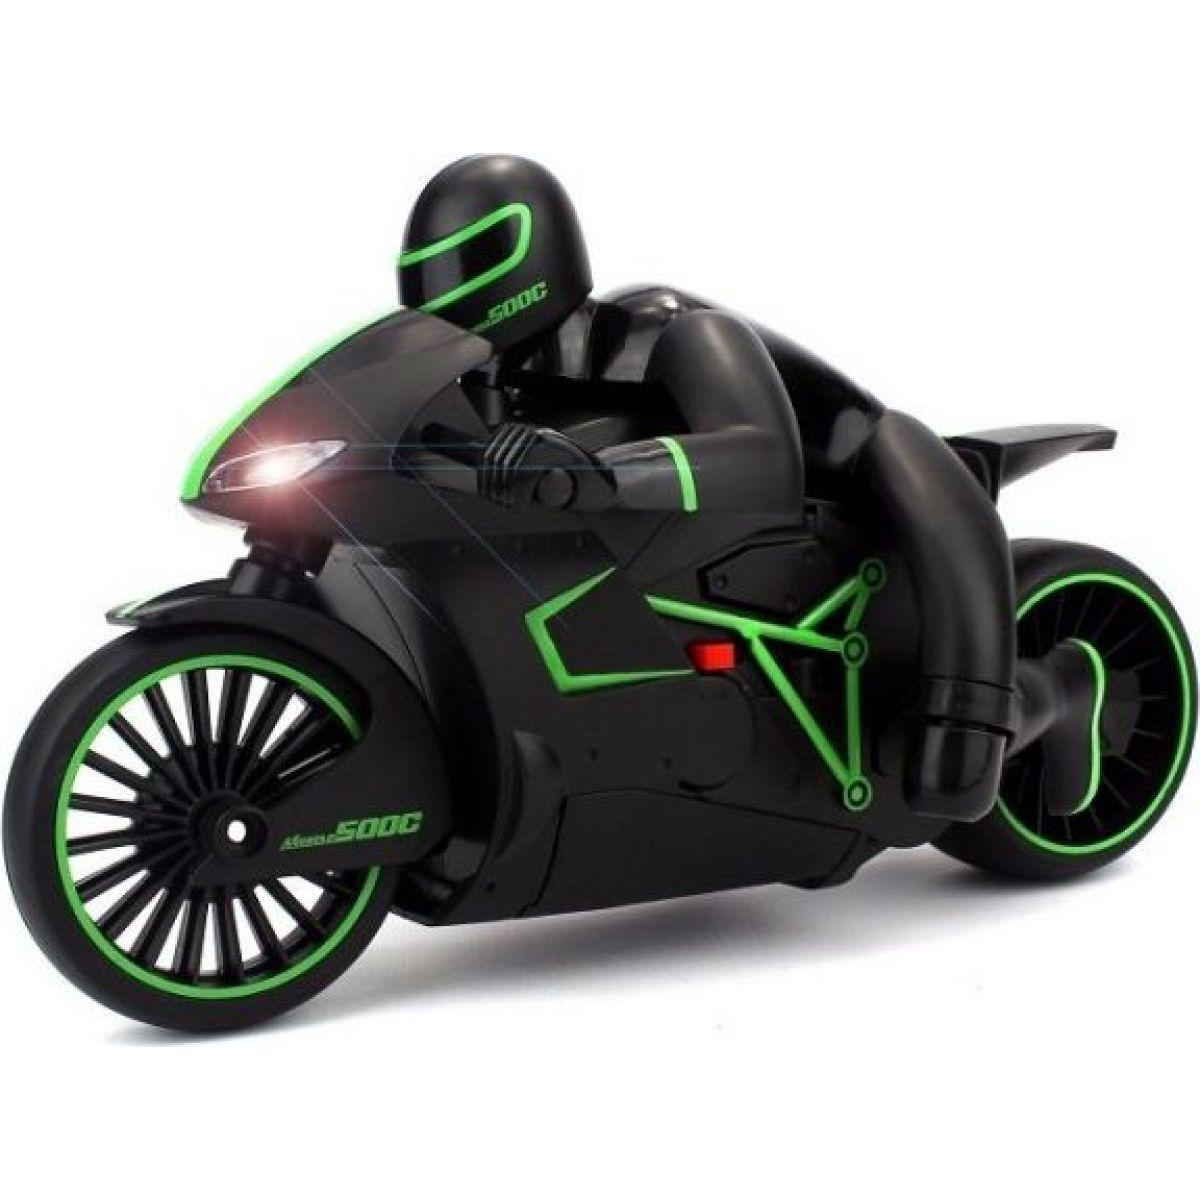 Made Motorka s řidičem se světlem 20 km/h - Zelená